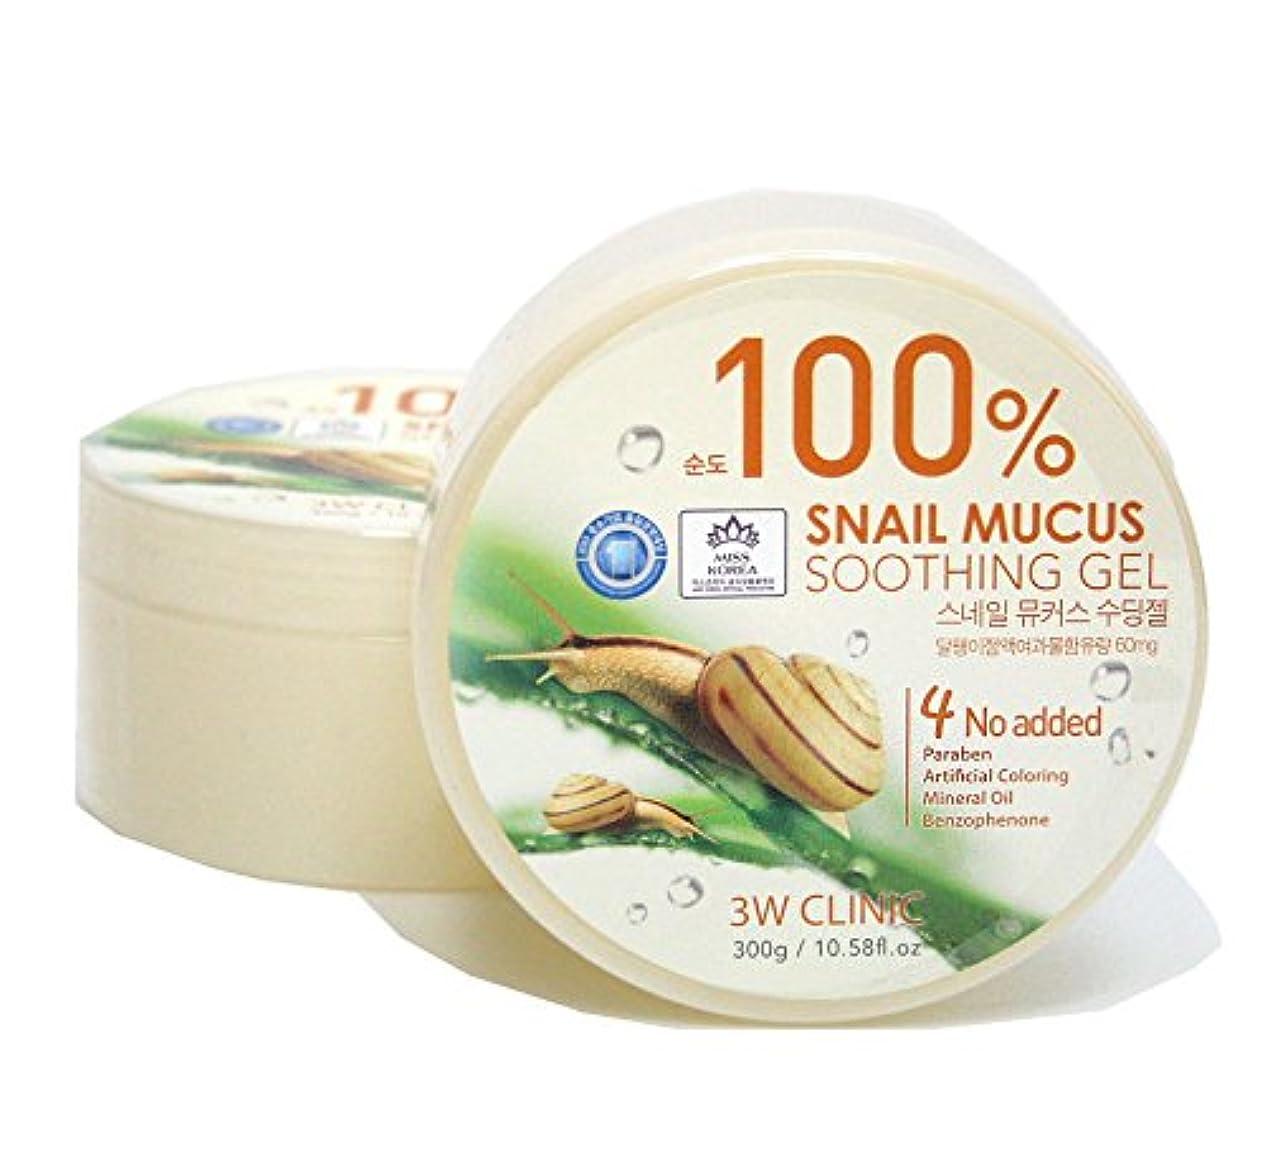 差別立派な結婚する[3W CLINIC] カタツムリ粘液スージングジェル300g / Snail Mucus Soothing Gel 300g / 水分/オールスキンタイプ / Moisture / fresh and smooth /...